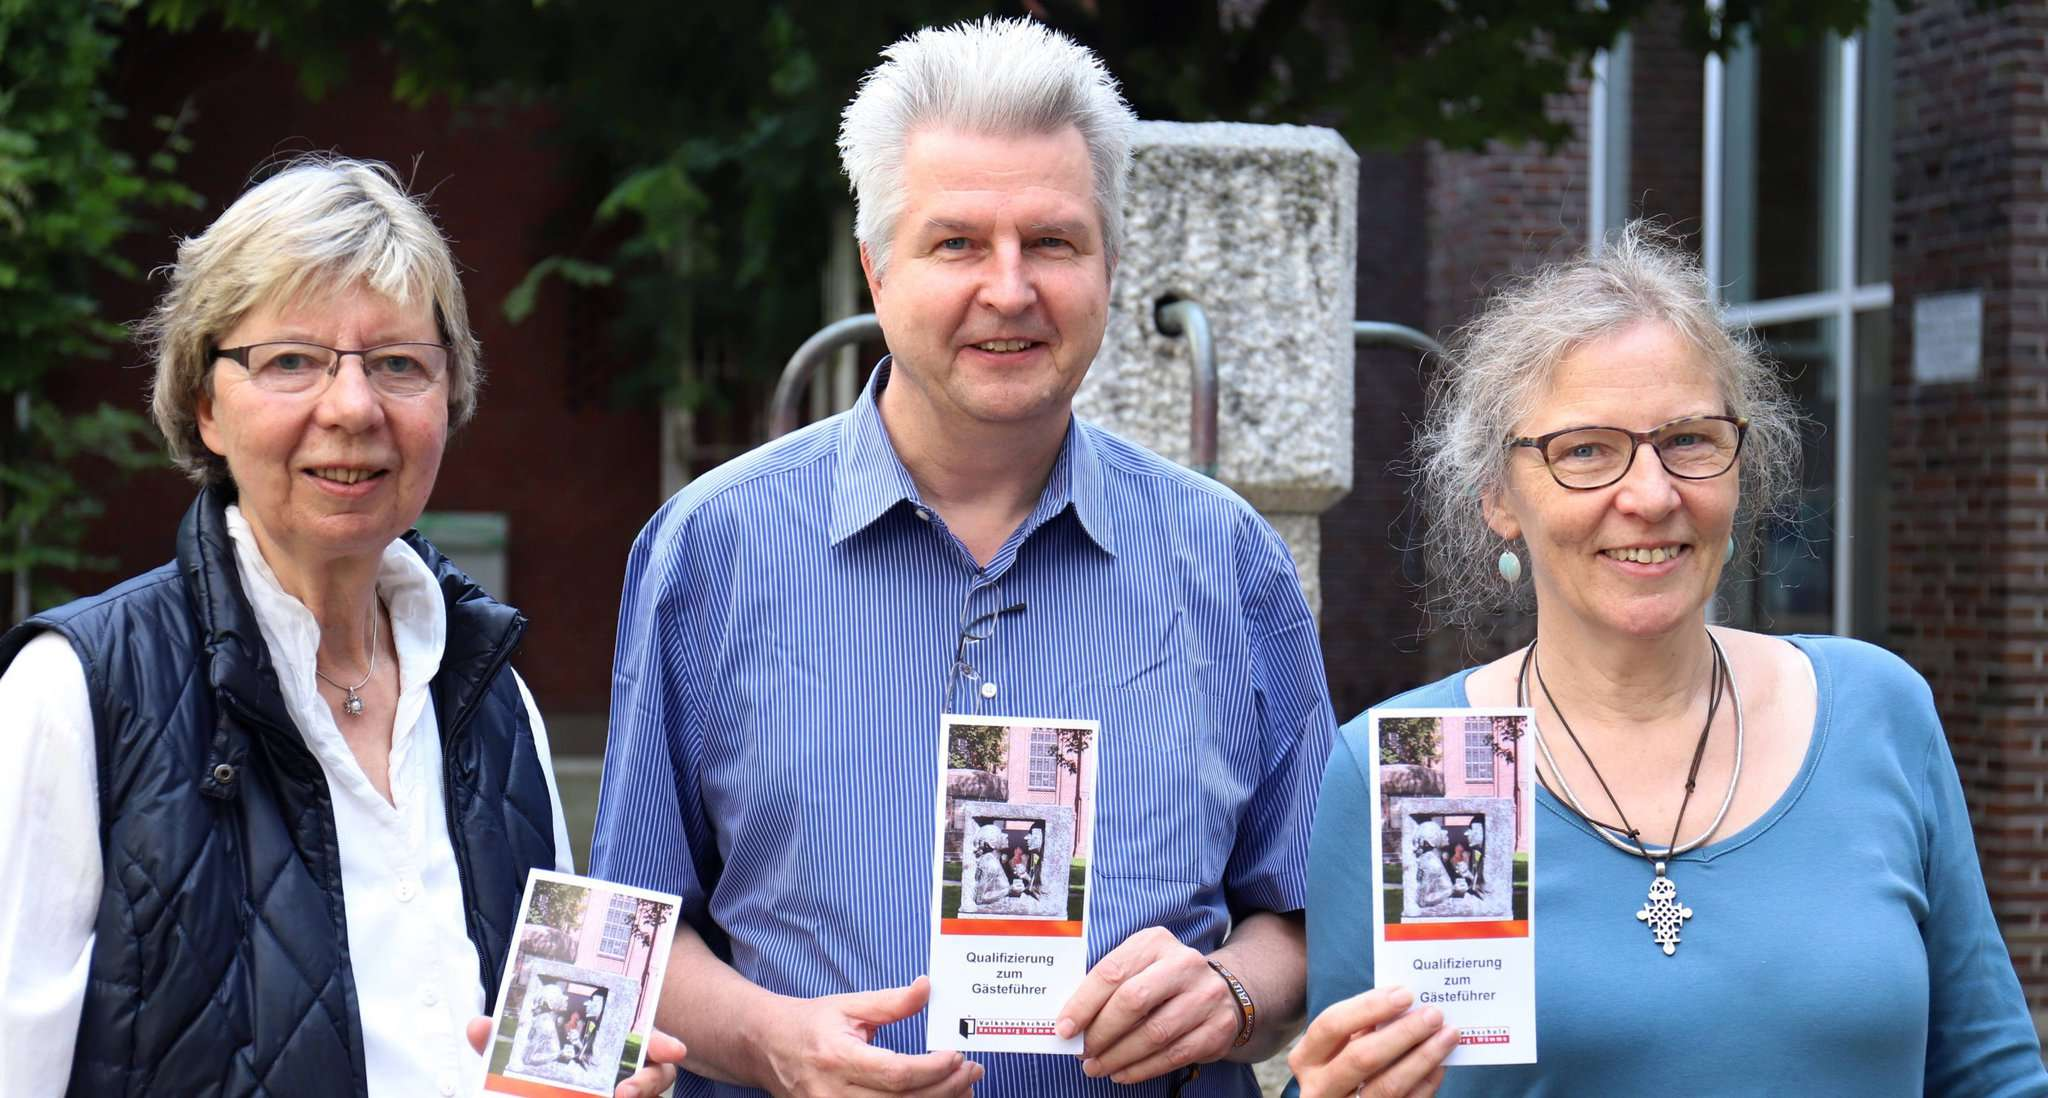 Gina Lemme-Haase (von links), VHS-Leiter Michael Burgwald und Almuth Quehl werben für den Kurs für die Qualifizierung zum Gästeführer.